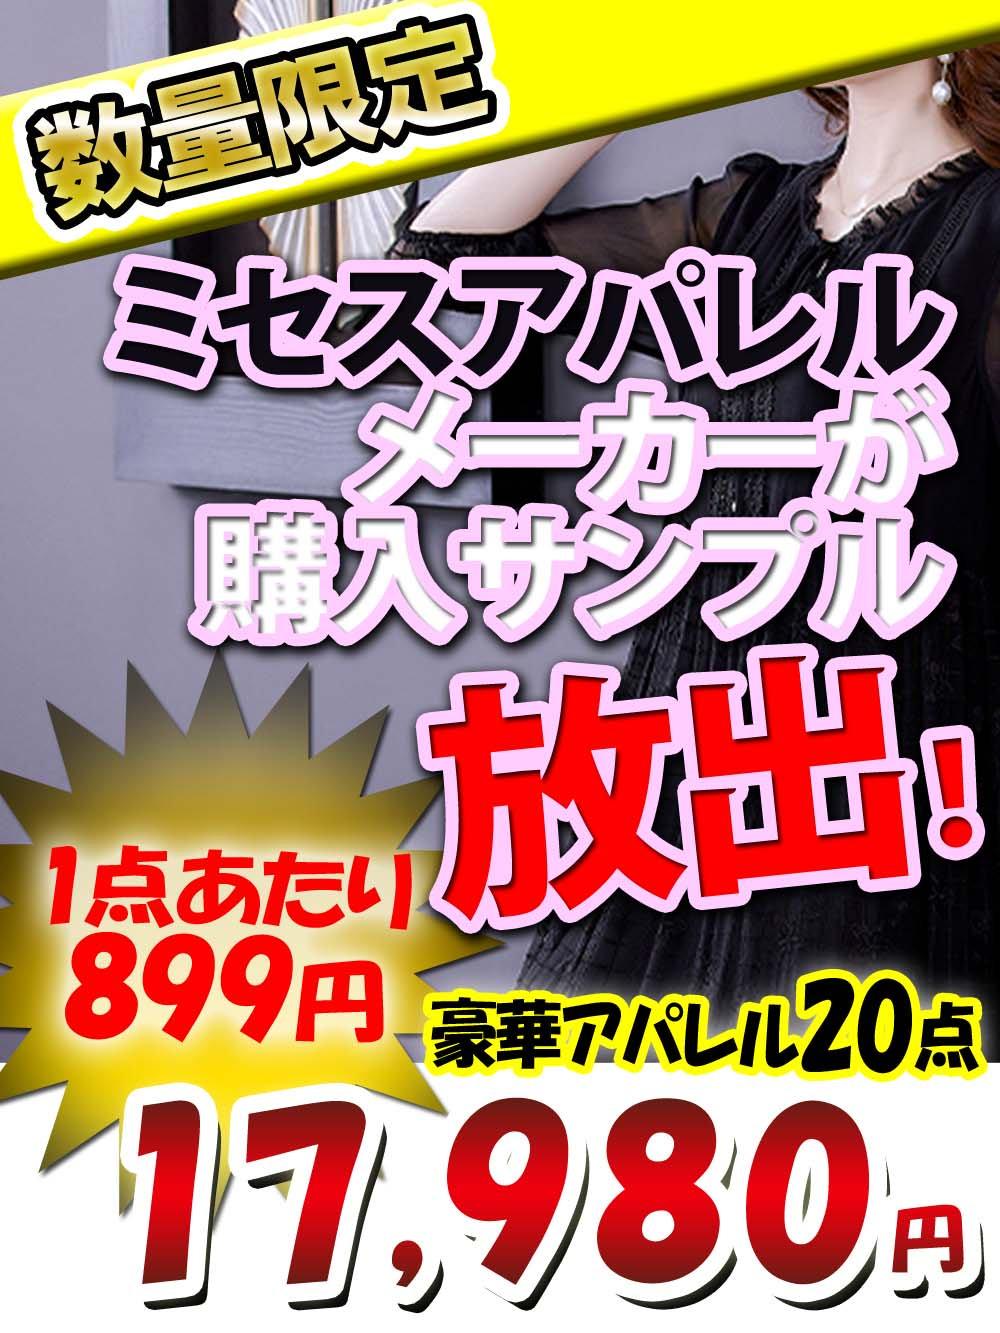 【数量限定】ミセスアパレルメーカーが購入サンプル放出【20点】@899